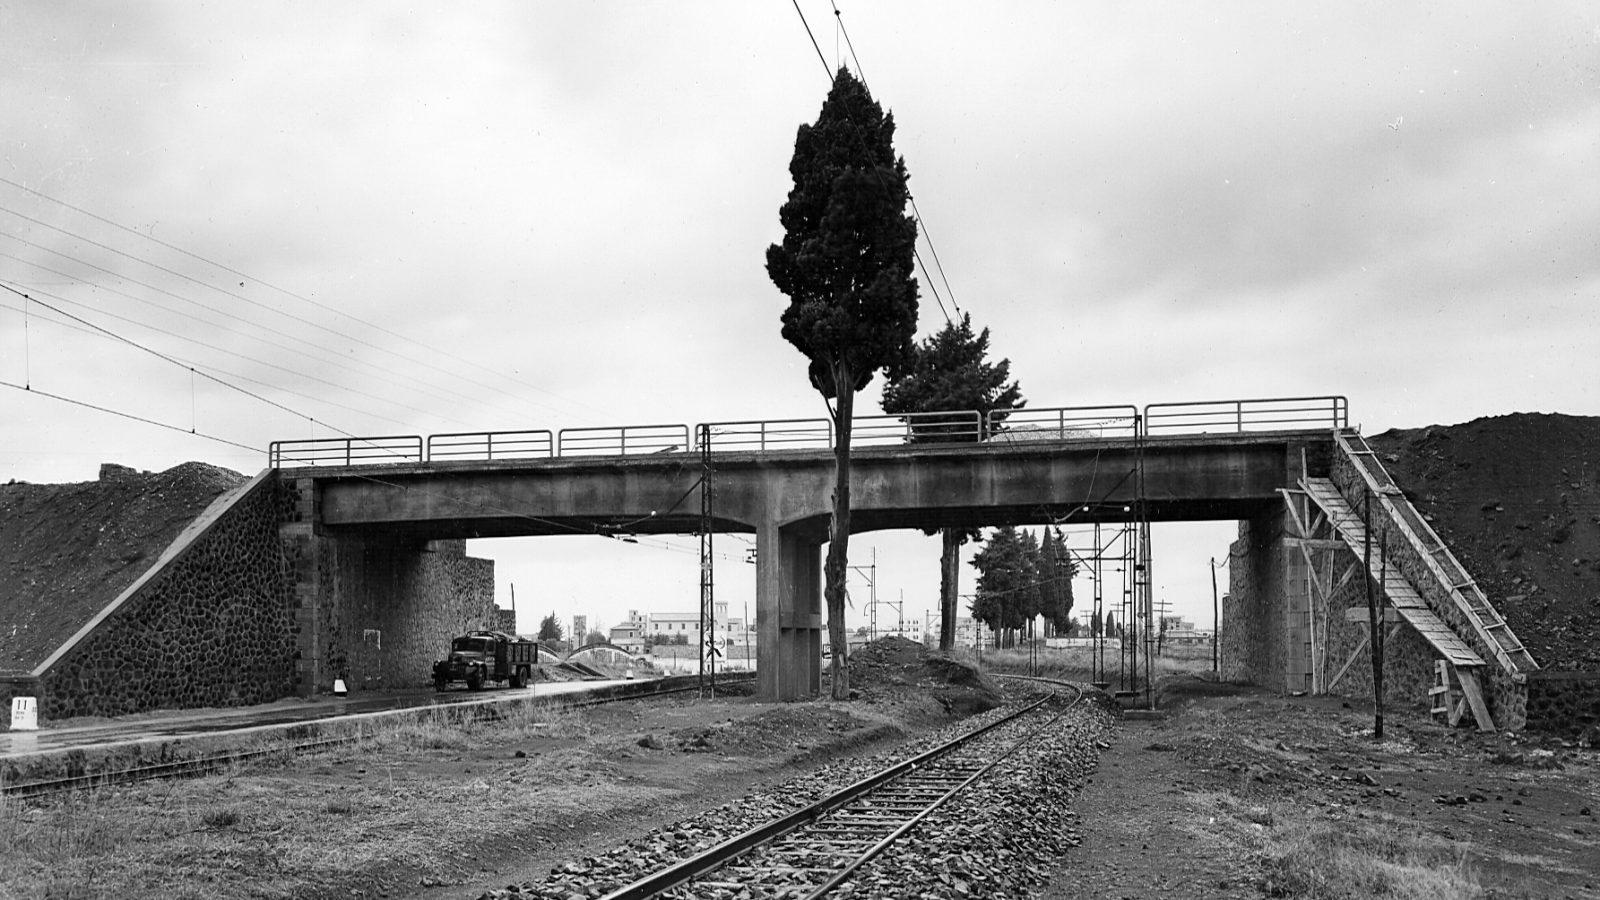 Grande Raccordo Anulare di Roma, cavalcavia sulla SS6 Casilina e sulla ferrovia Roma-Fiuggi, 1955 (Archivio storico Anas)